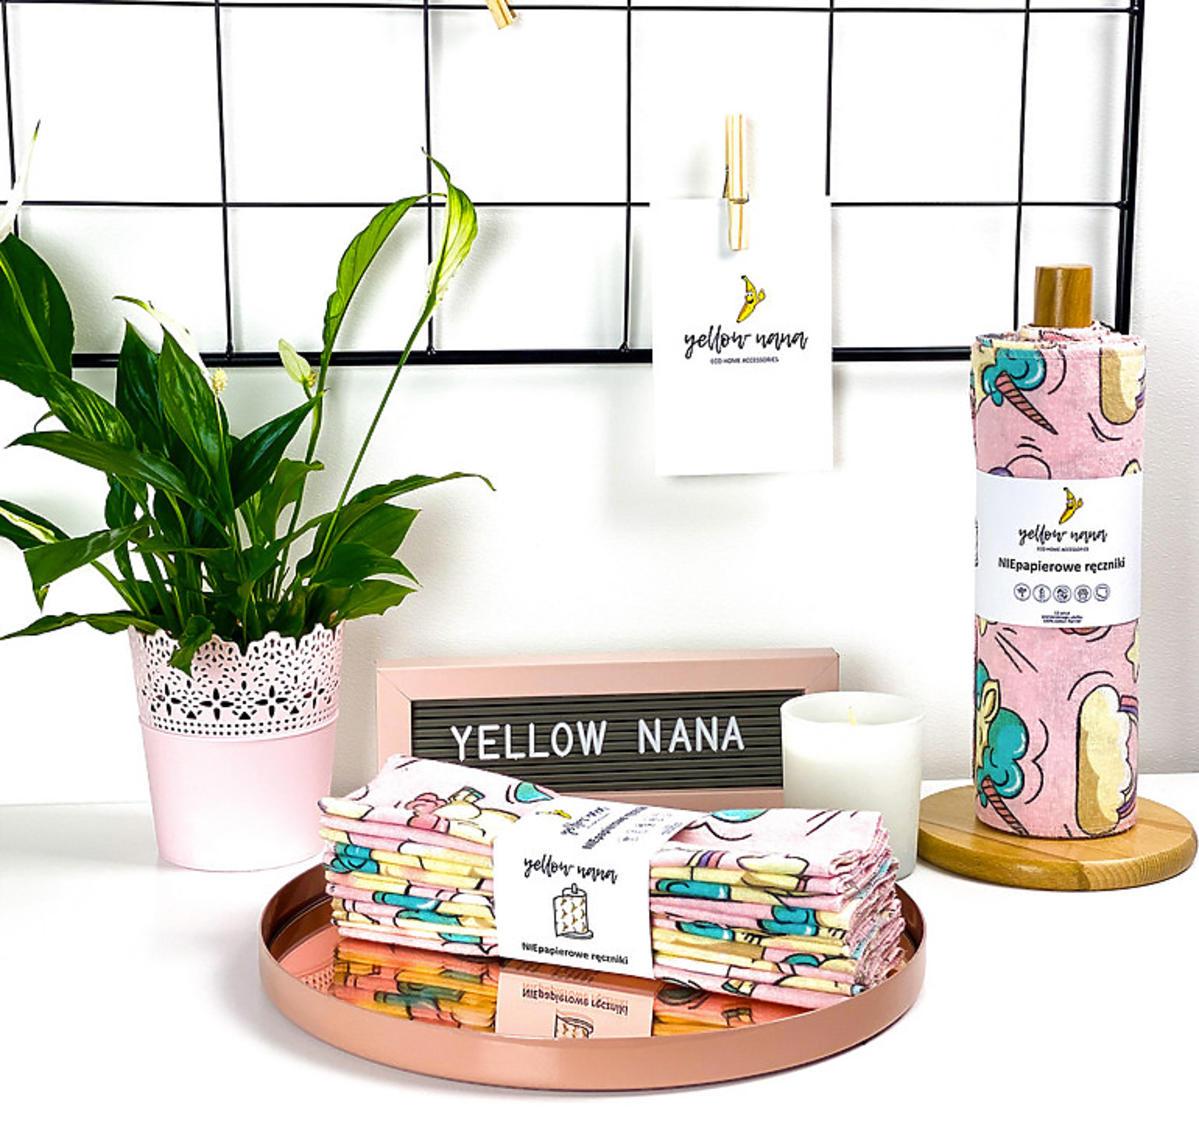 Yellow Nana czyli niepapierowe ręczniki